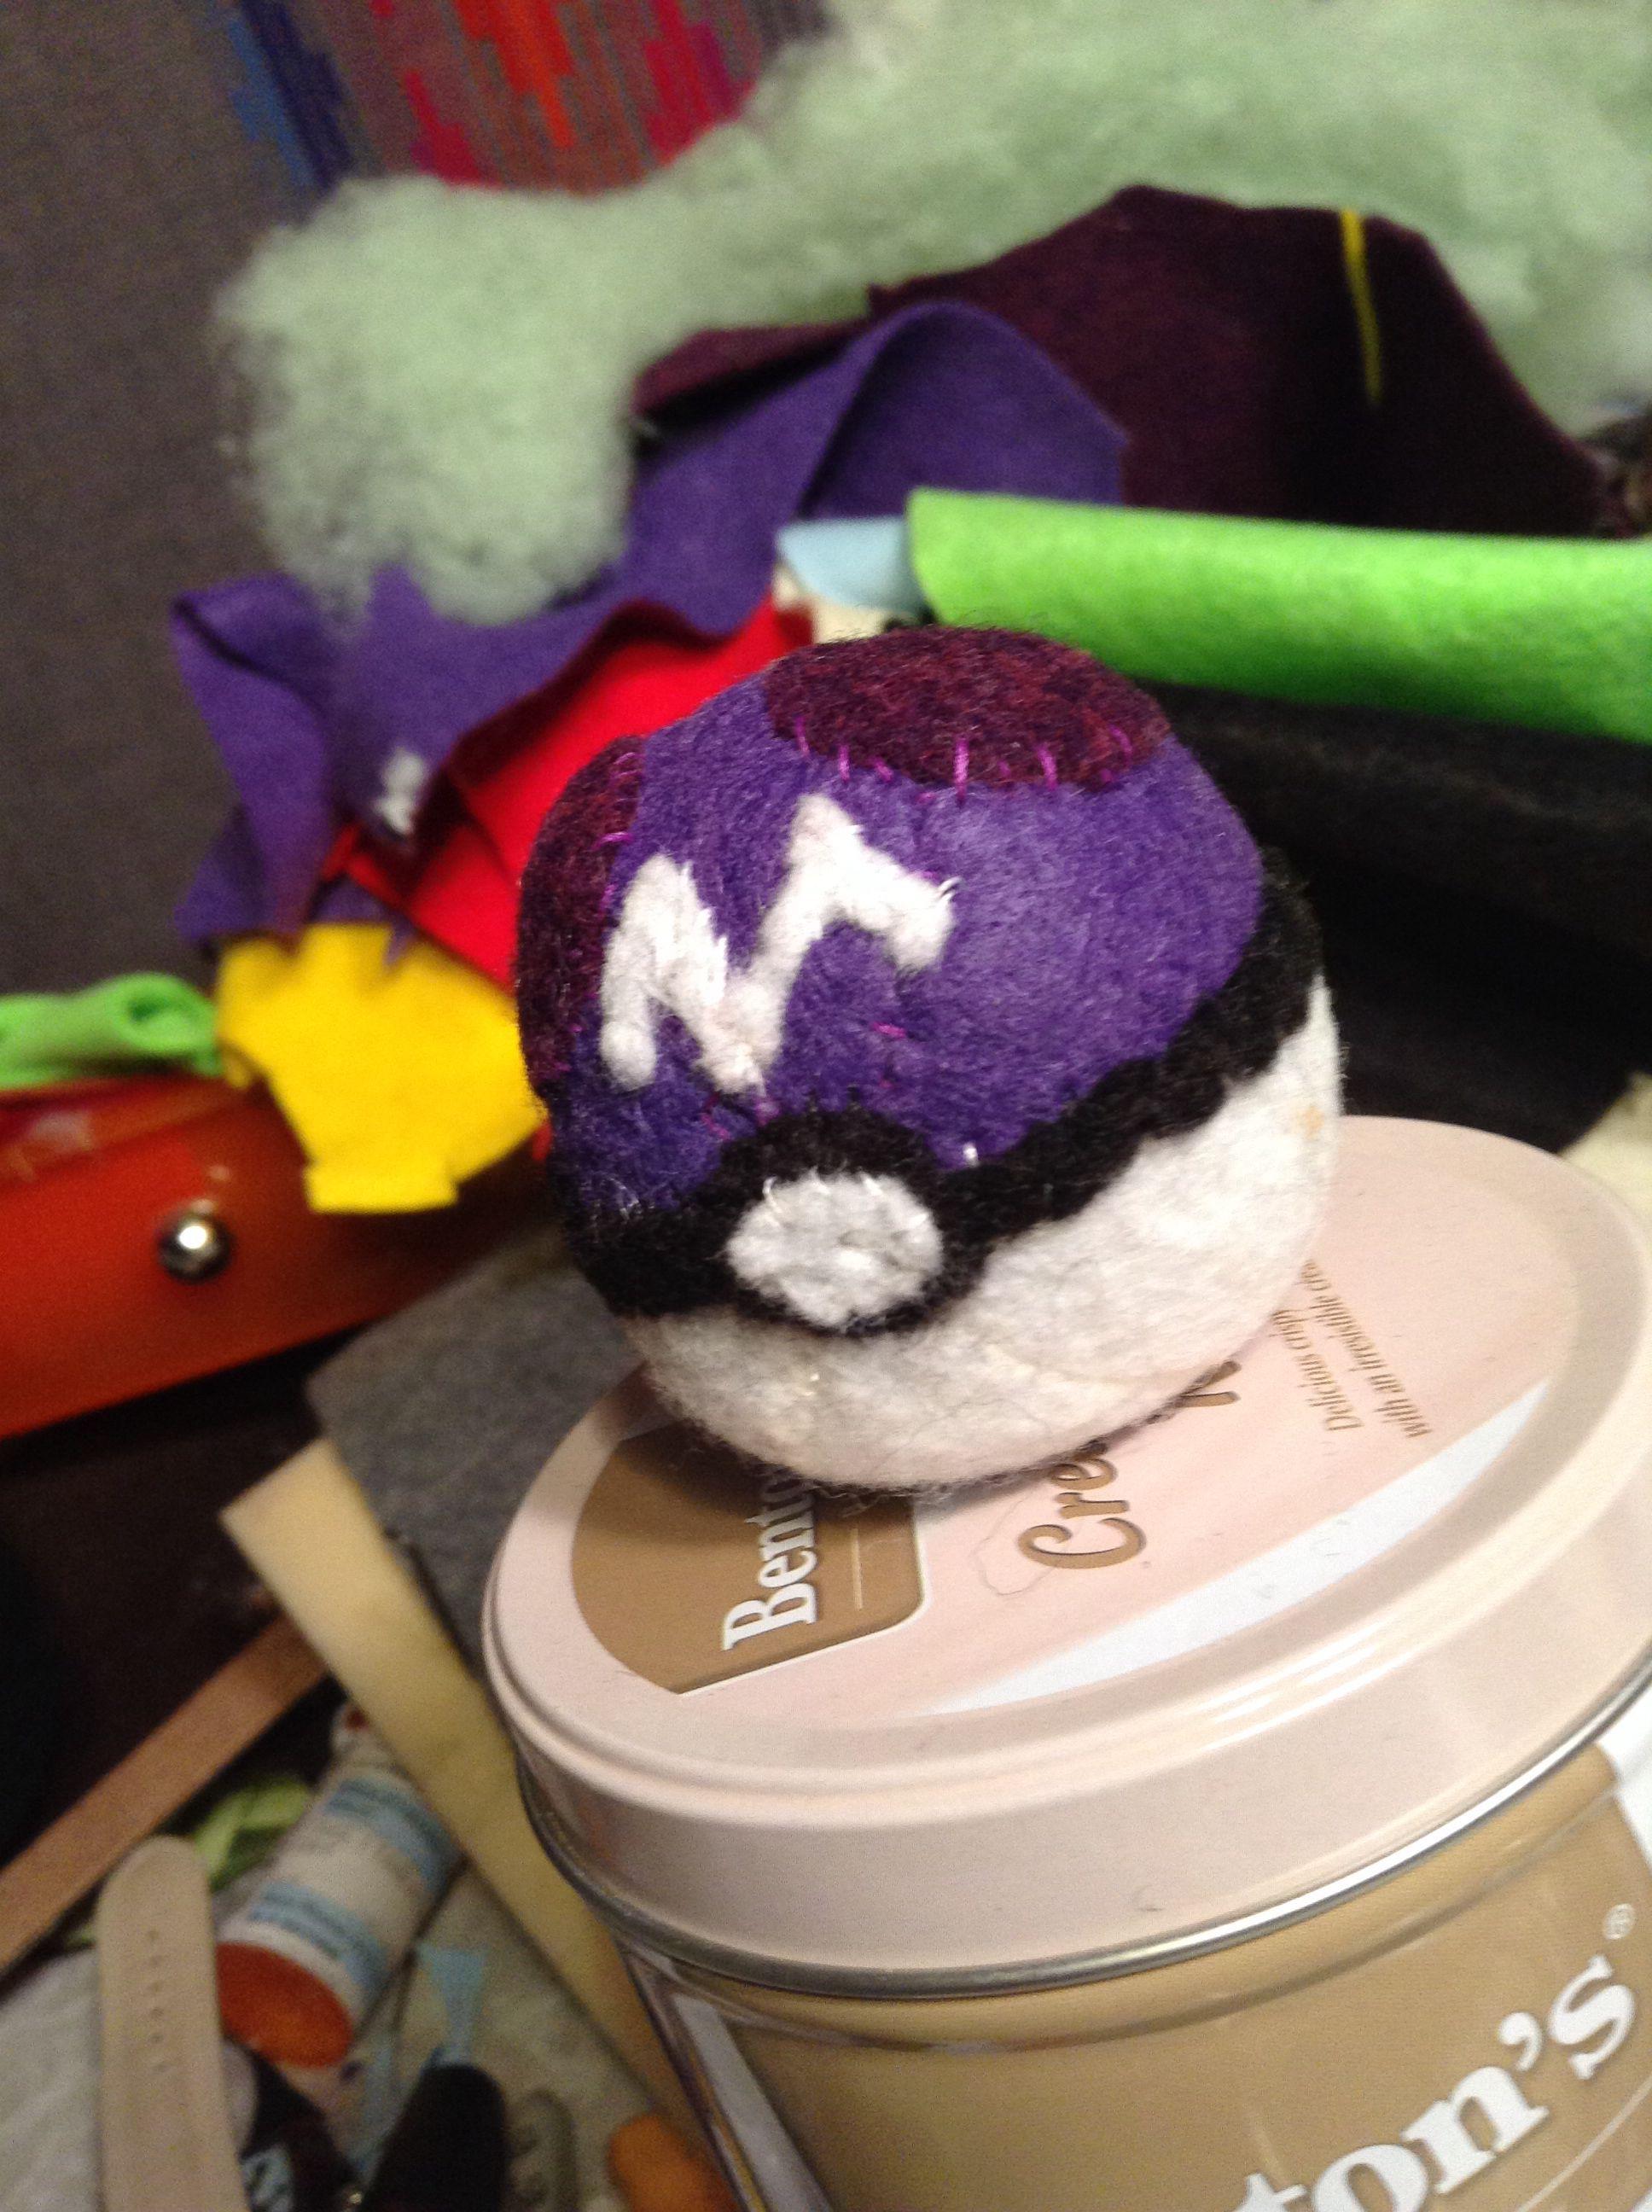 Masterball Pokemon plushie